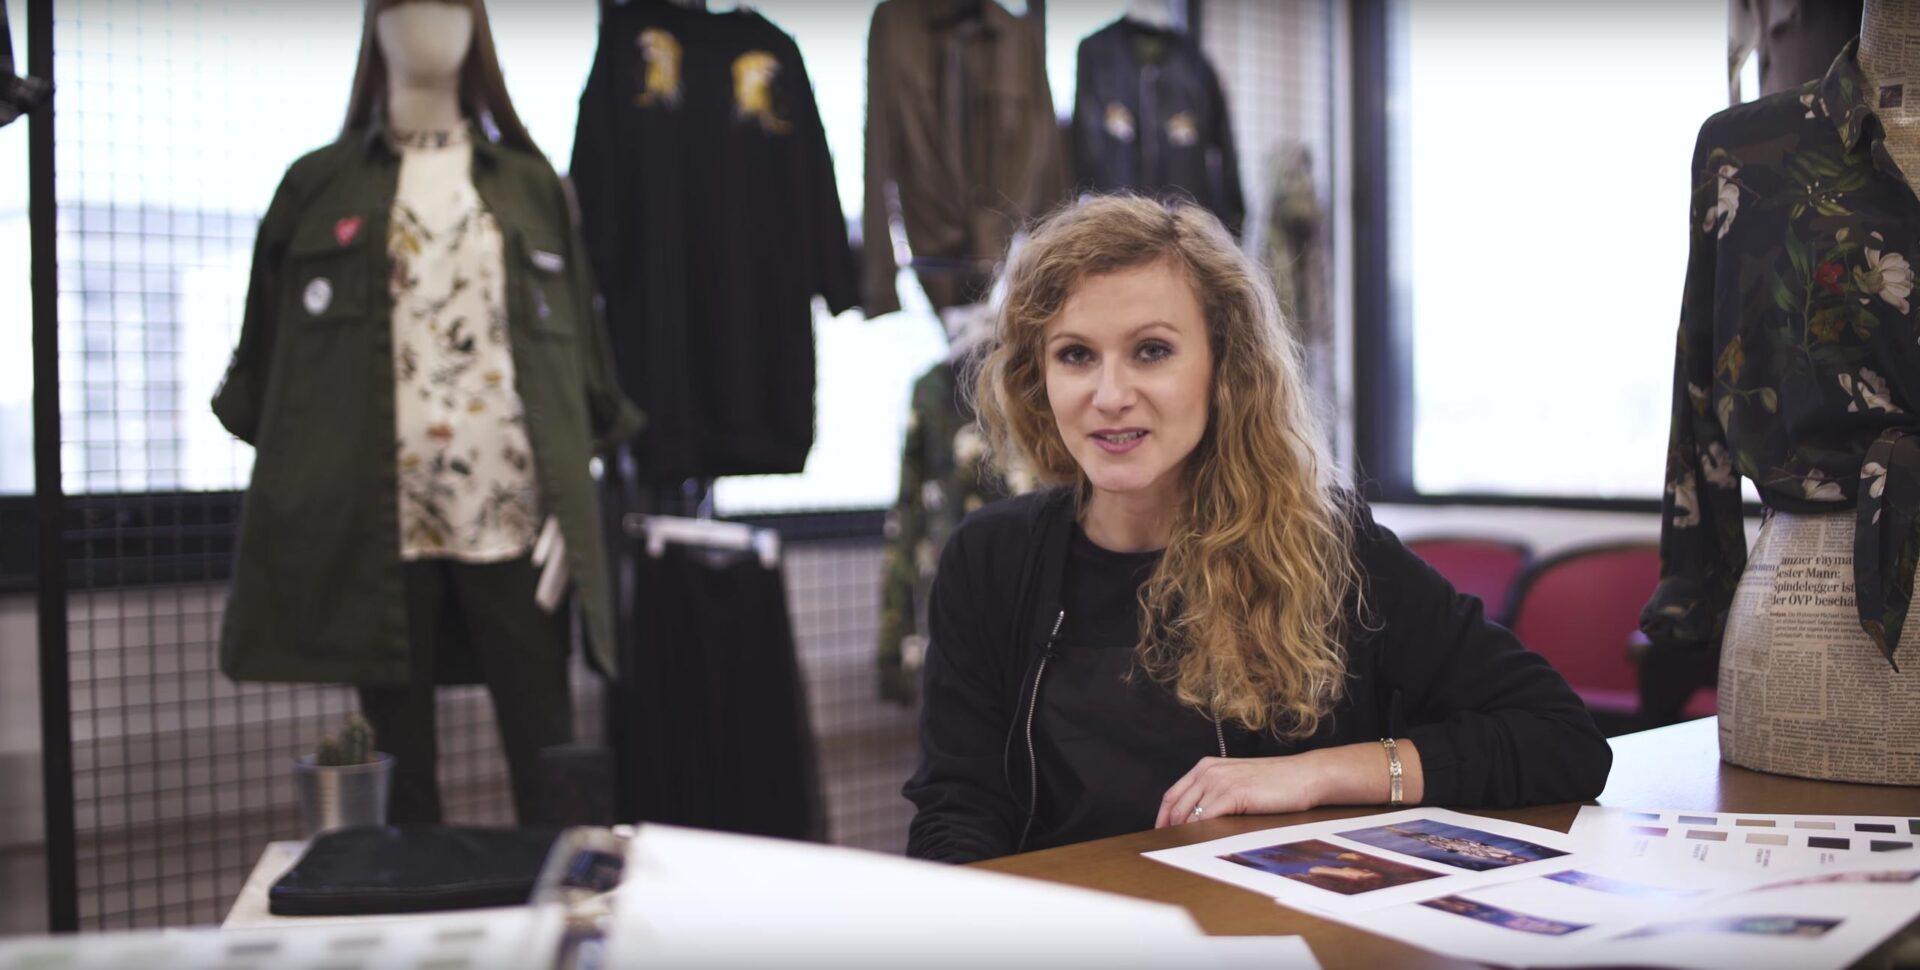 Okiem stylistki Medicine - seria filmów o modzie 18